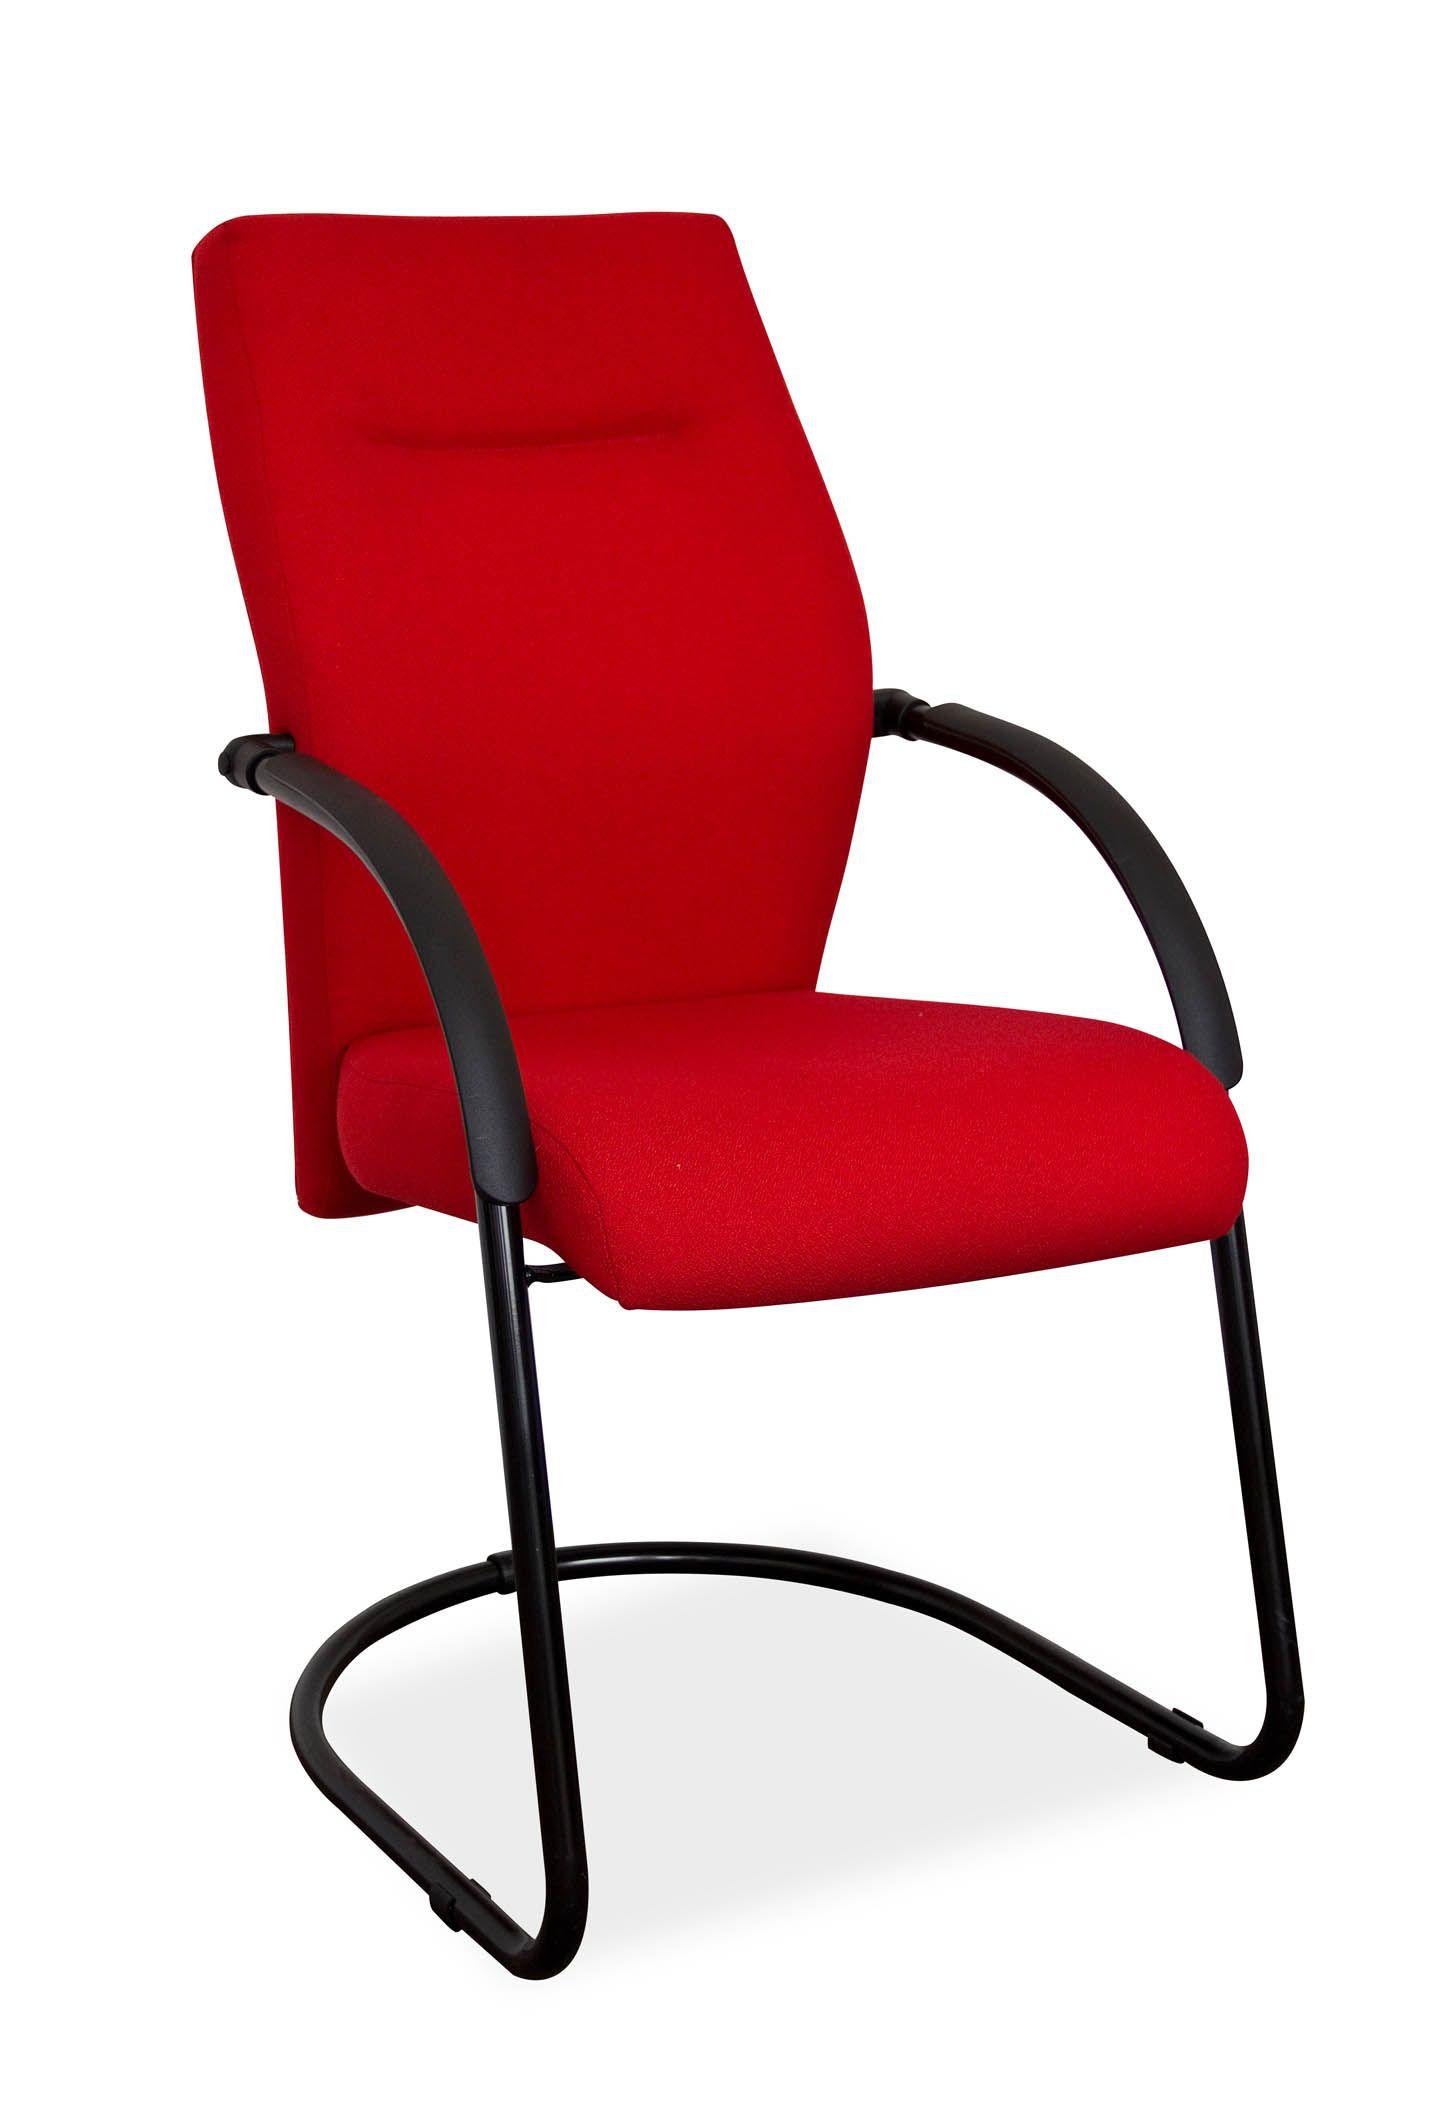 Wartezimmer Stühle Für Verkauf Kaufen Computer Stuhl ...